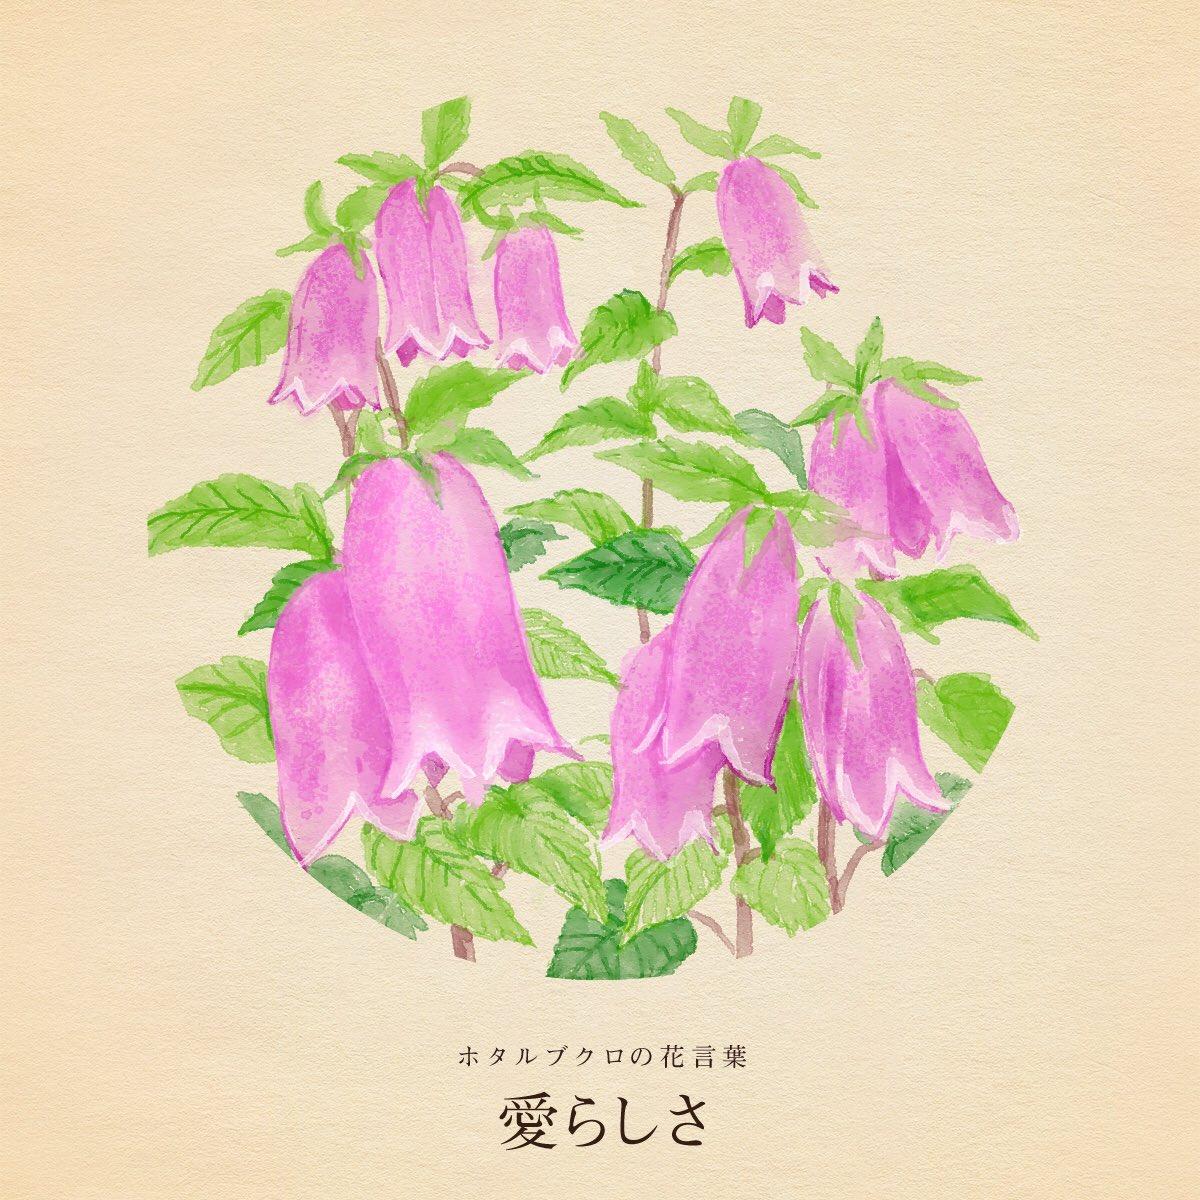 きょう7月10日は四万六千日ウルトラマンの日納豆の日ブナピーの日指笛の日潤滑油の日植物油の日ニコラ・テスラの誕生日誕生花はホタルブクロ花言葉「愛らしさ」